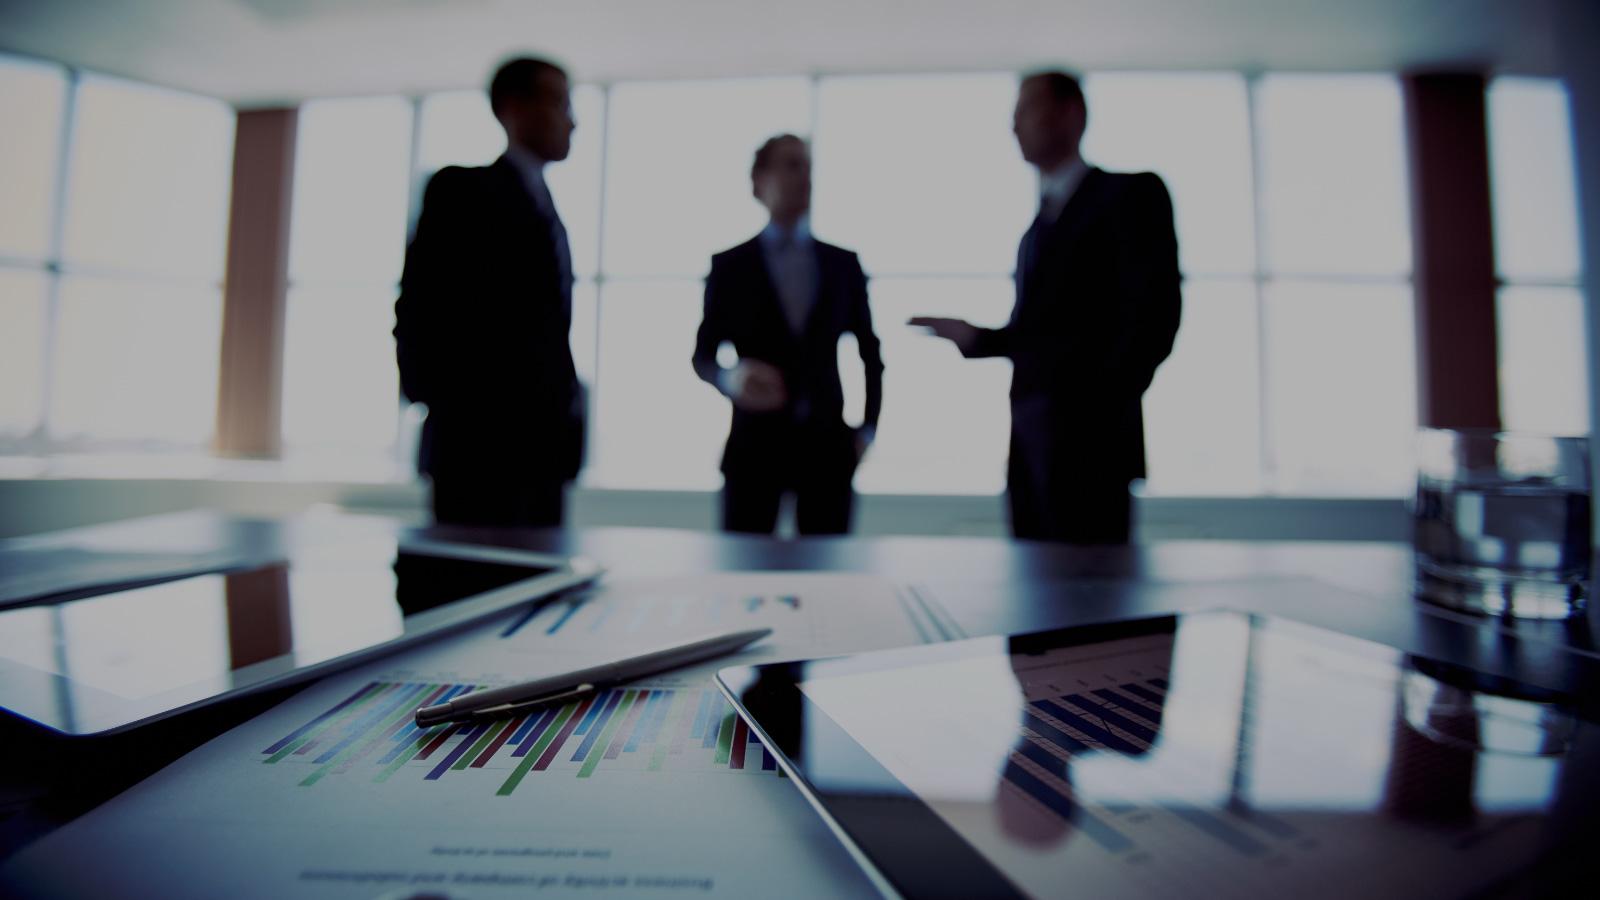 شرح وظایف کمیته فنی بازرگانی مناقصه